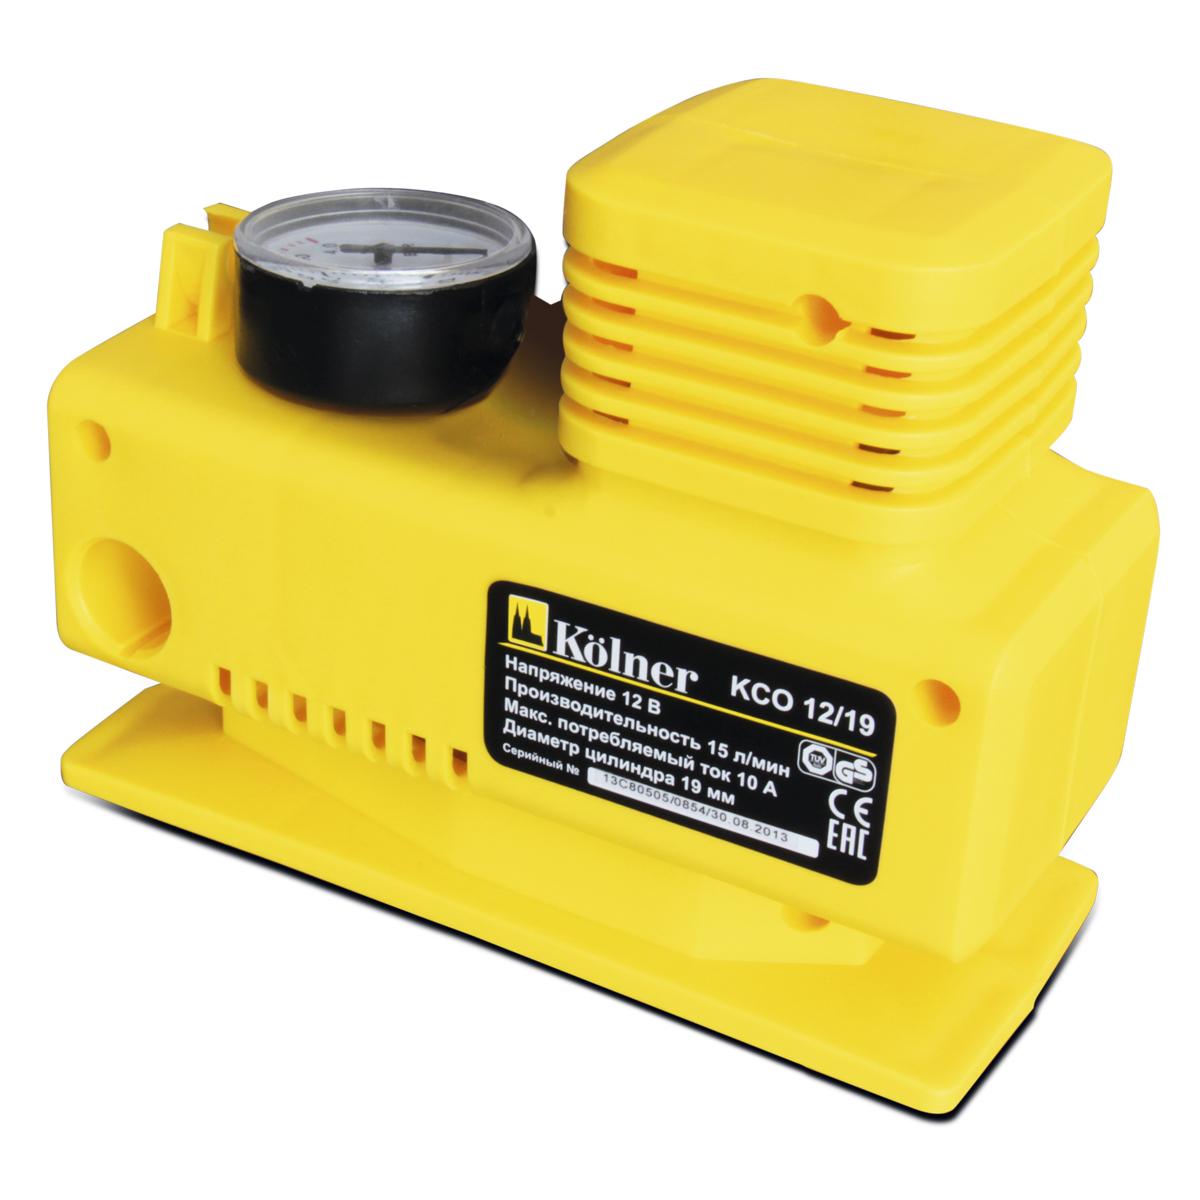 Компрессор автомобильный Kolner KCO 12/19DWM7Напряжение, В: 12Производительность, л/мин: 15Рабочее давление, атм: 3Максимальное давление, атм: 4Максимальный ток потребления, А: 10Диаметр цилиндра, мм: 19Длина шланга компрессора, см: 50Длина сетевого кабеля, м: 3Комплектация: насадки-переходникикомпрессор работает от напряжения 12 вольт на верхней части корпуса расположен манометр, позволяющий контролировать работу компрессора